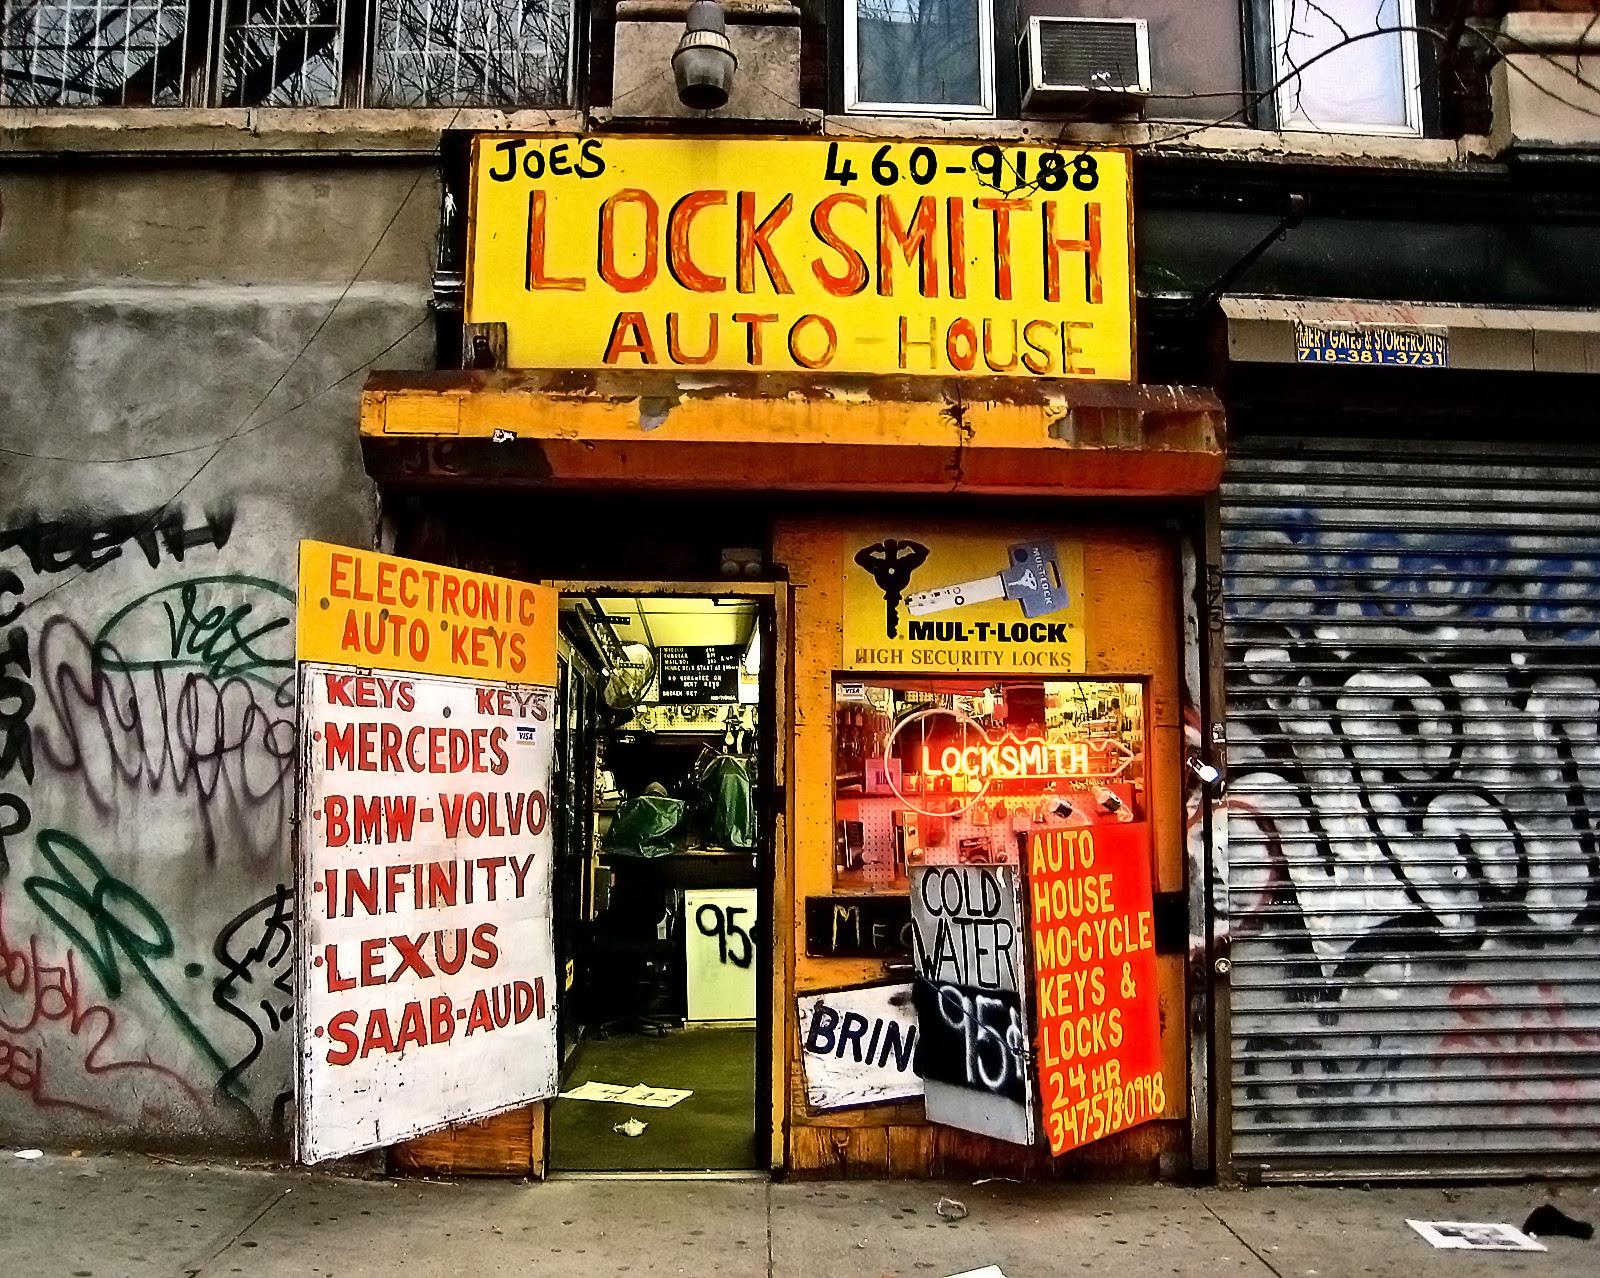 Joe's Locksmith